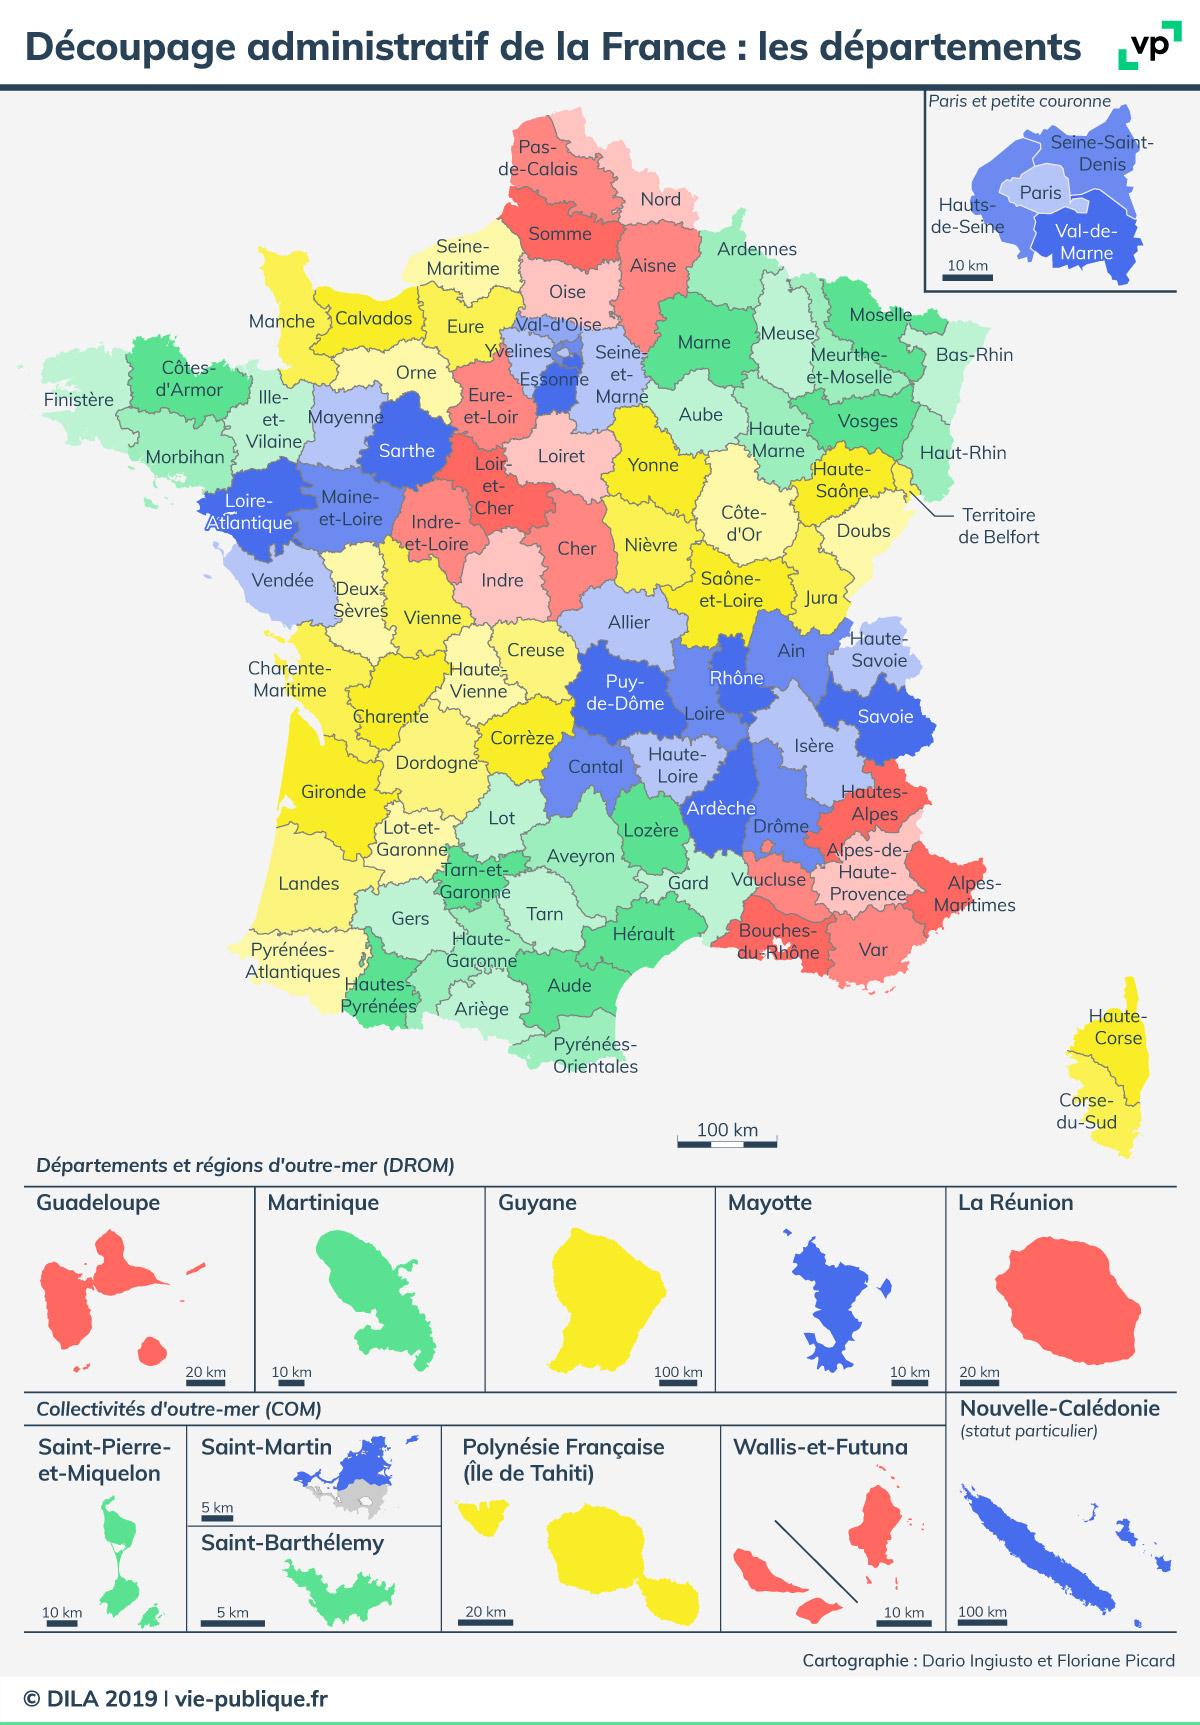 Découpage Administratif De La France : Les Départements à Listes Des Départements Français